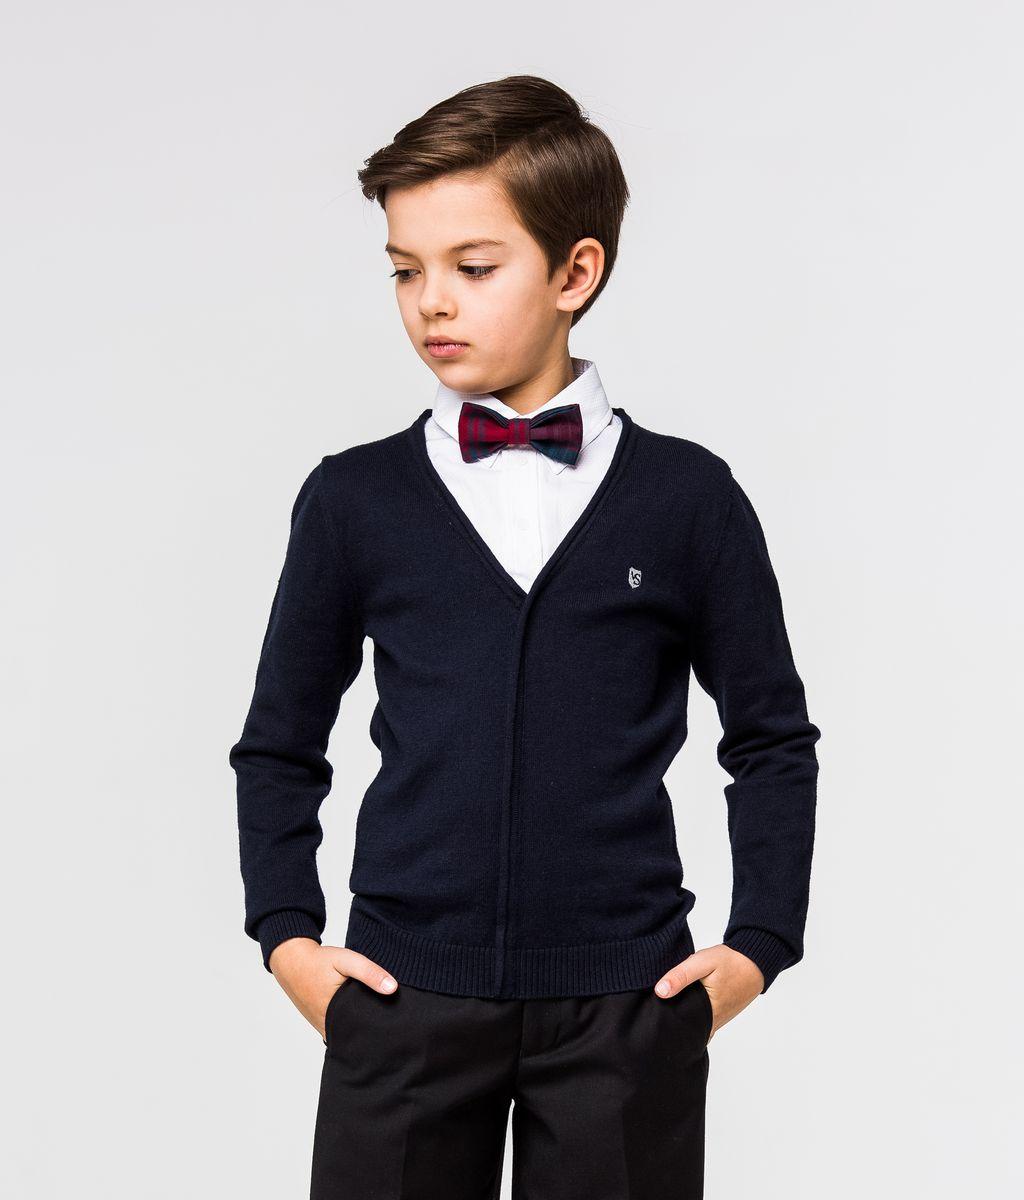 Пуловер для мальчика Silver Spoon, цвет: темно-синий, белый. SSFSB-627-14932-300. Размер 158SSFSB-627-14932-300Стильный трикотажный пуловер для мальчика Silver Spoon идеально подойдет для школы и повседневной носки. Изготовленный из хлопка с добавлением шерсти, он необычайно мягкий и приятный на ощупь, не сковывает движения ребенка и позволяет коже дышать. Модель с длинными рукавами и отложным воротником сверху застегивается на три пуговицы. Манжеты рукавов и низ модели связаны резинкой. Верхняя часть модели выполнена в виде ворота рубашки за счет чего создается эффект 2 в 1.